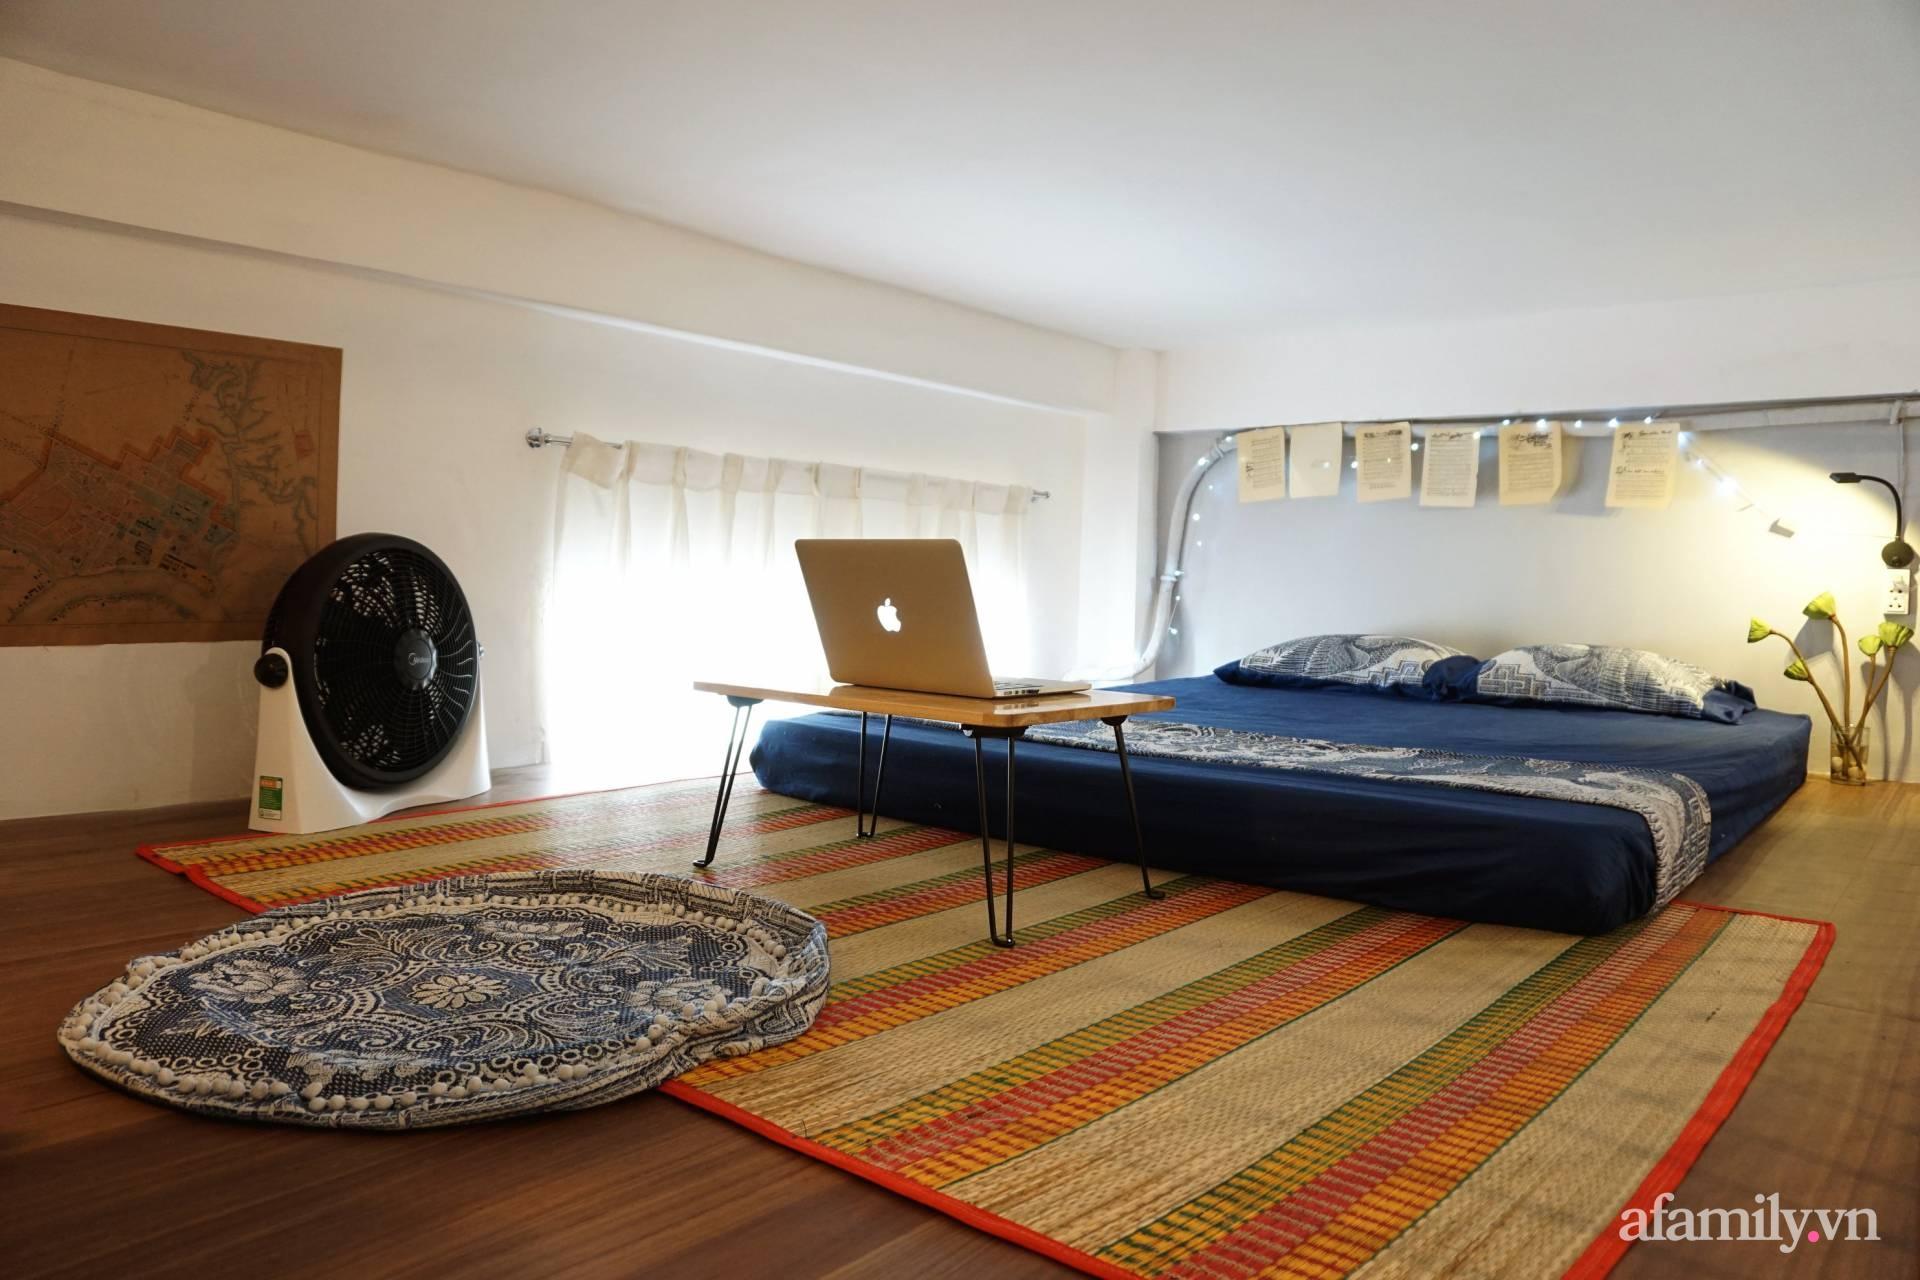 Cải tạo nhà tập thể đẹp hoài cổ lấy cảm hứng từ phong cách Đông Dương có chi phí 120 triệu đồng ở Sài Gòn - Ảnh 9.